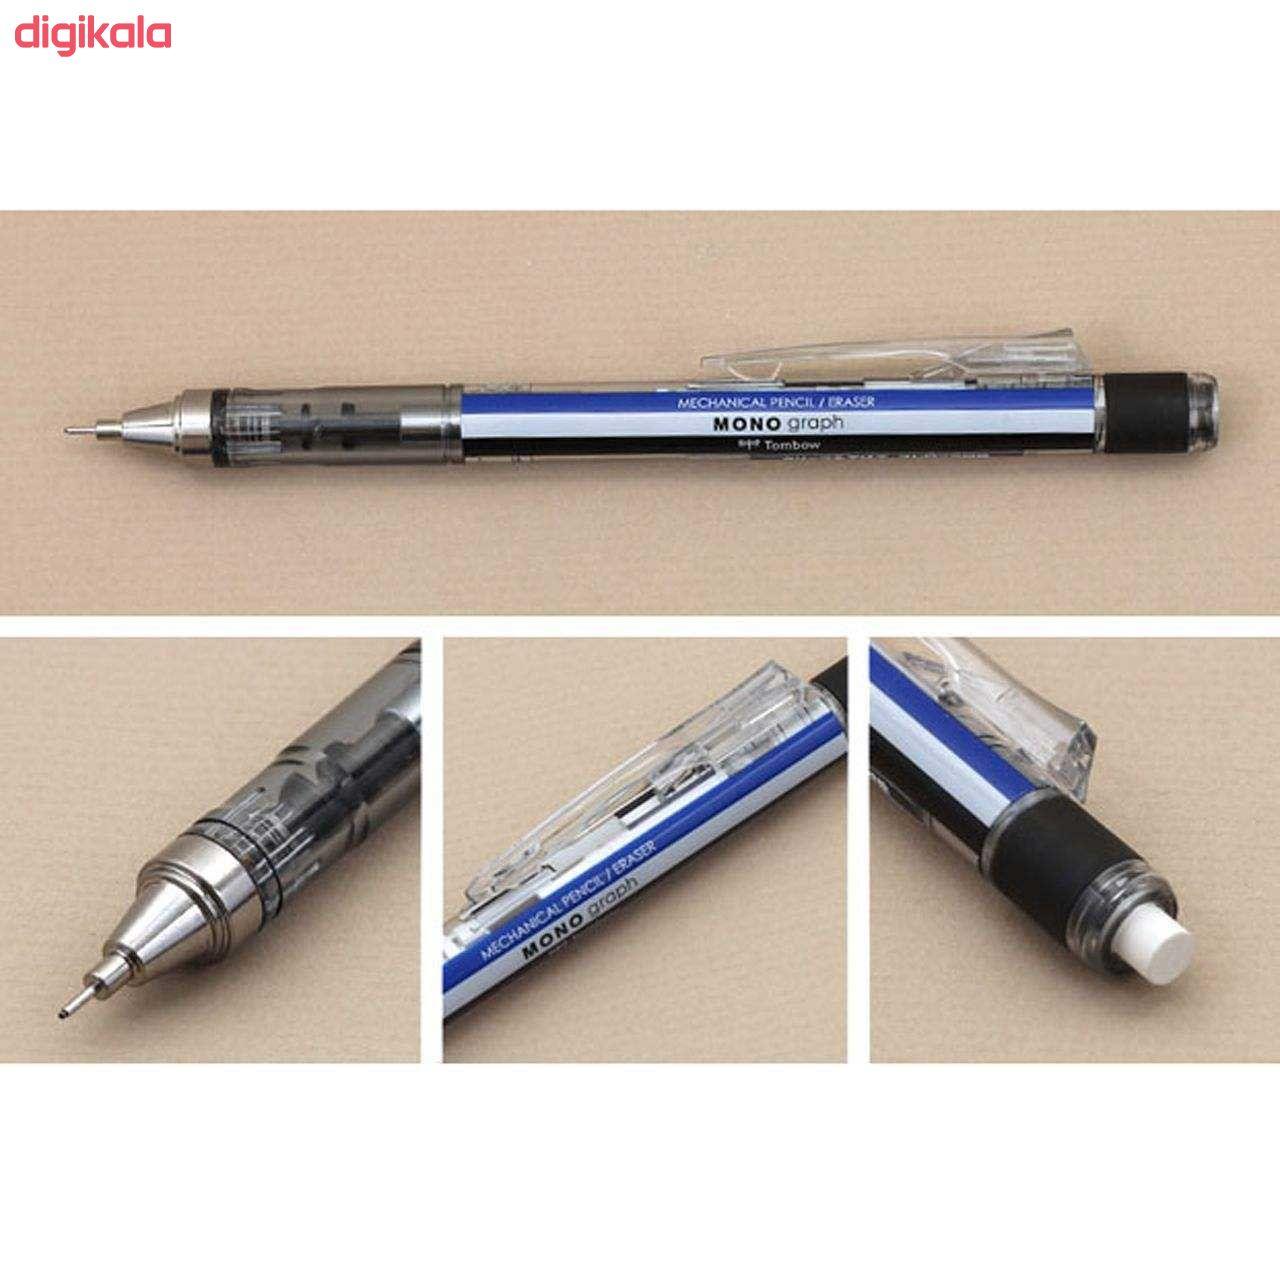 مداد نوکی 0.5 میلی متری تومبو مدل MONO GRAPPH main 1 23